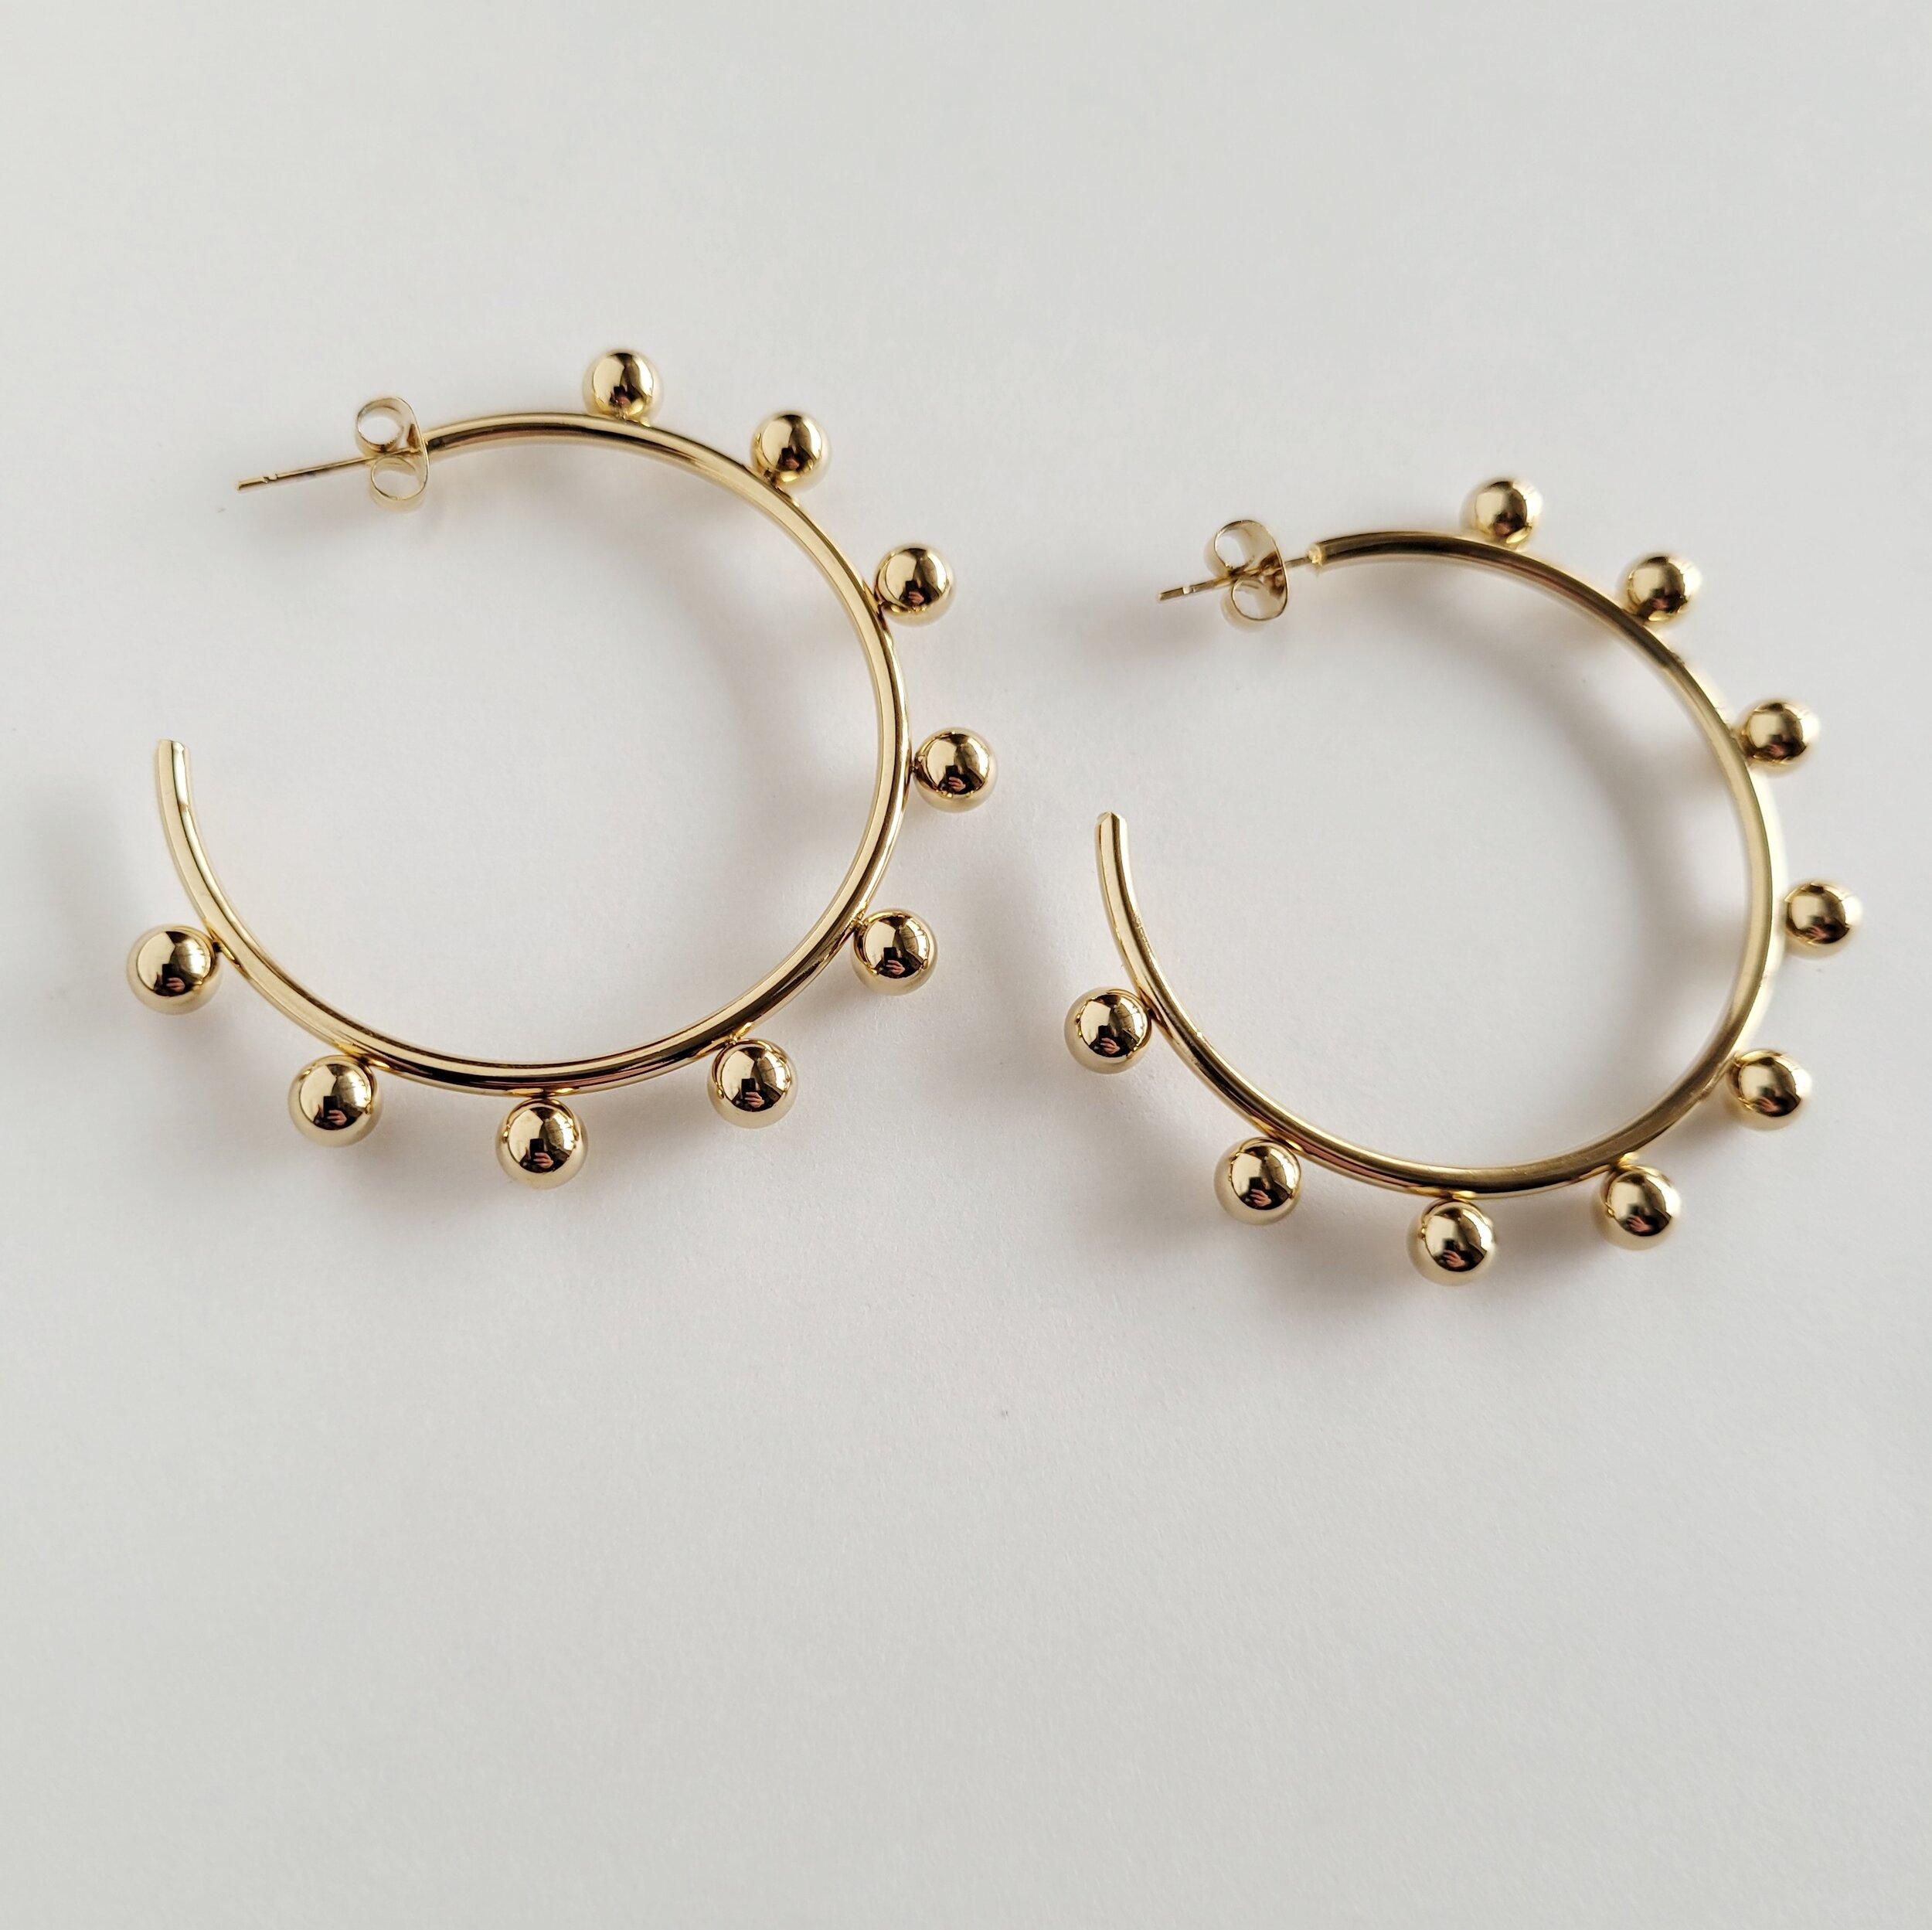 Unity gold plated hoop earrings